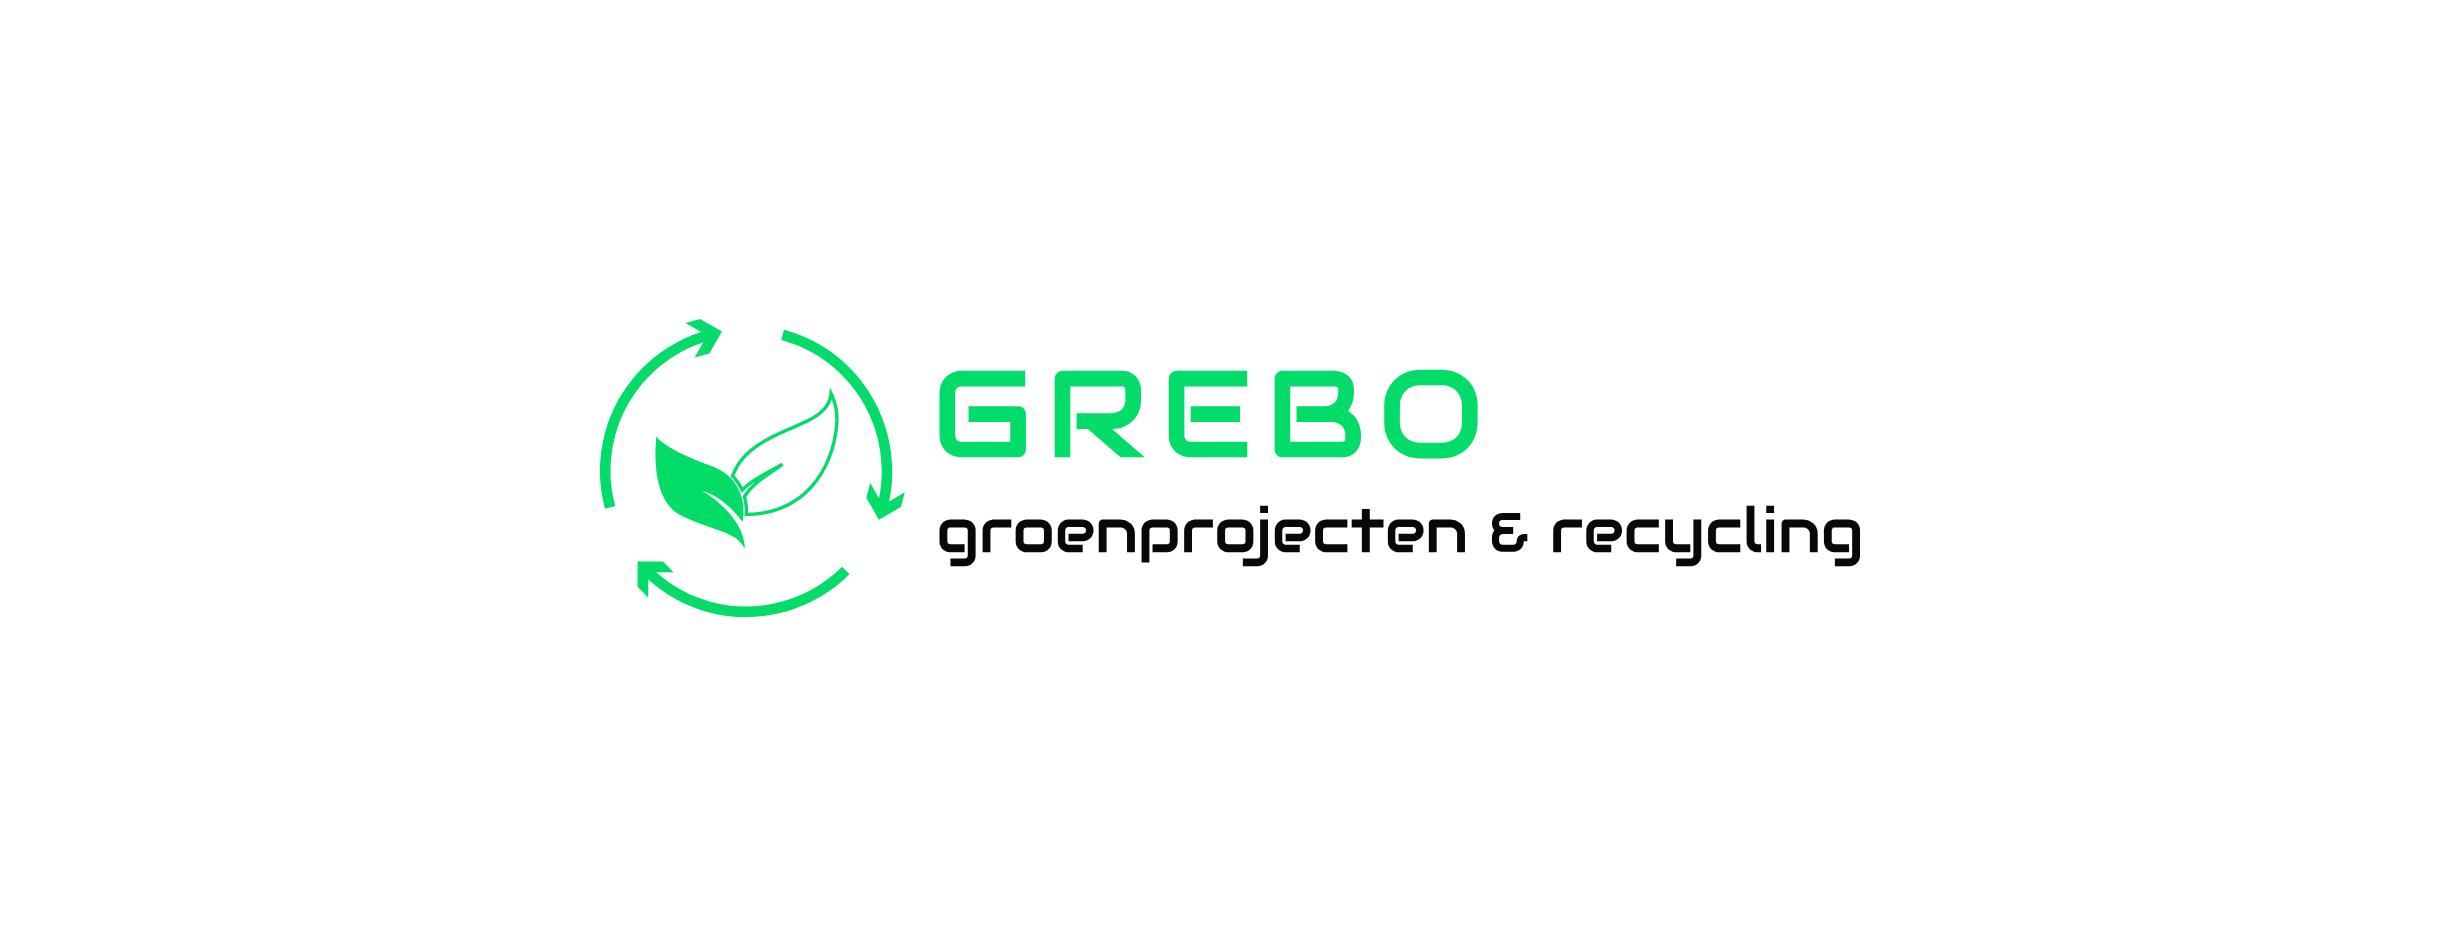 GREBO Groenprojecten